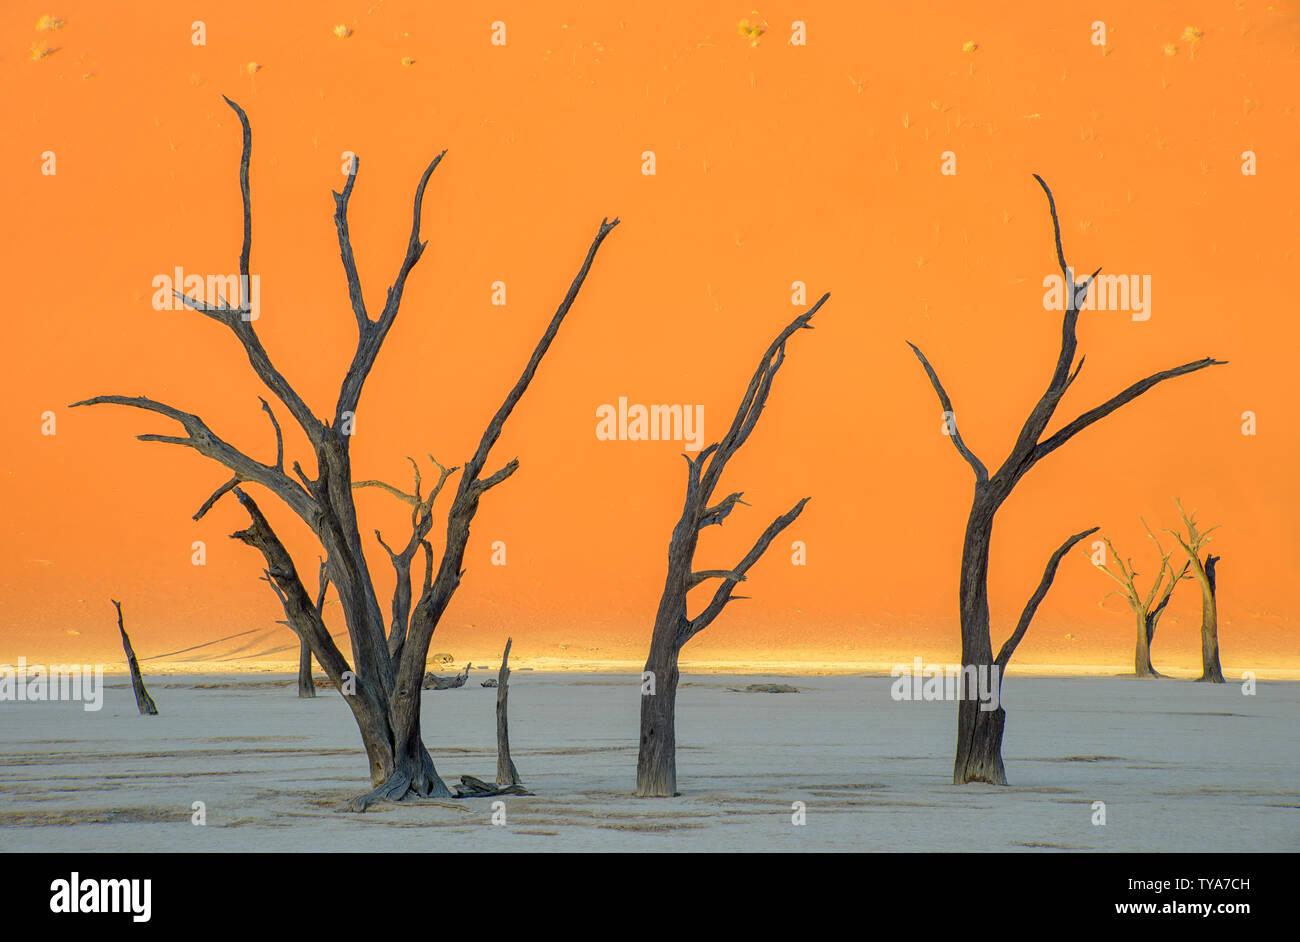 La quasi surreale e onirica vista di questi alberi preistorici. Visivamente arancione mozzafiato e le sfumature di blu della struttura scheletrica foresta. Dead Vlei Immagini Stock